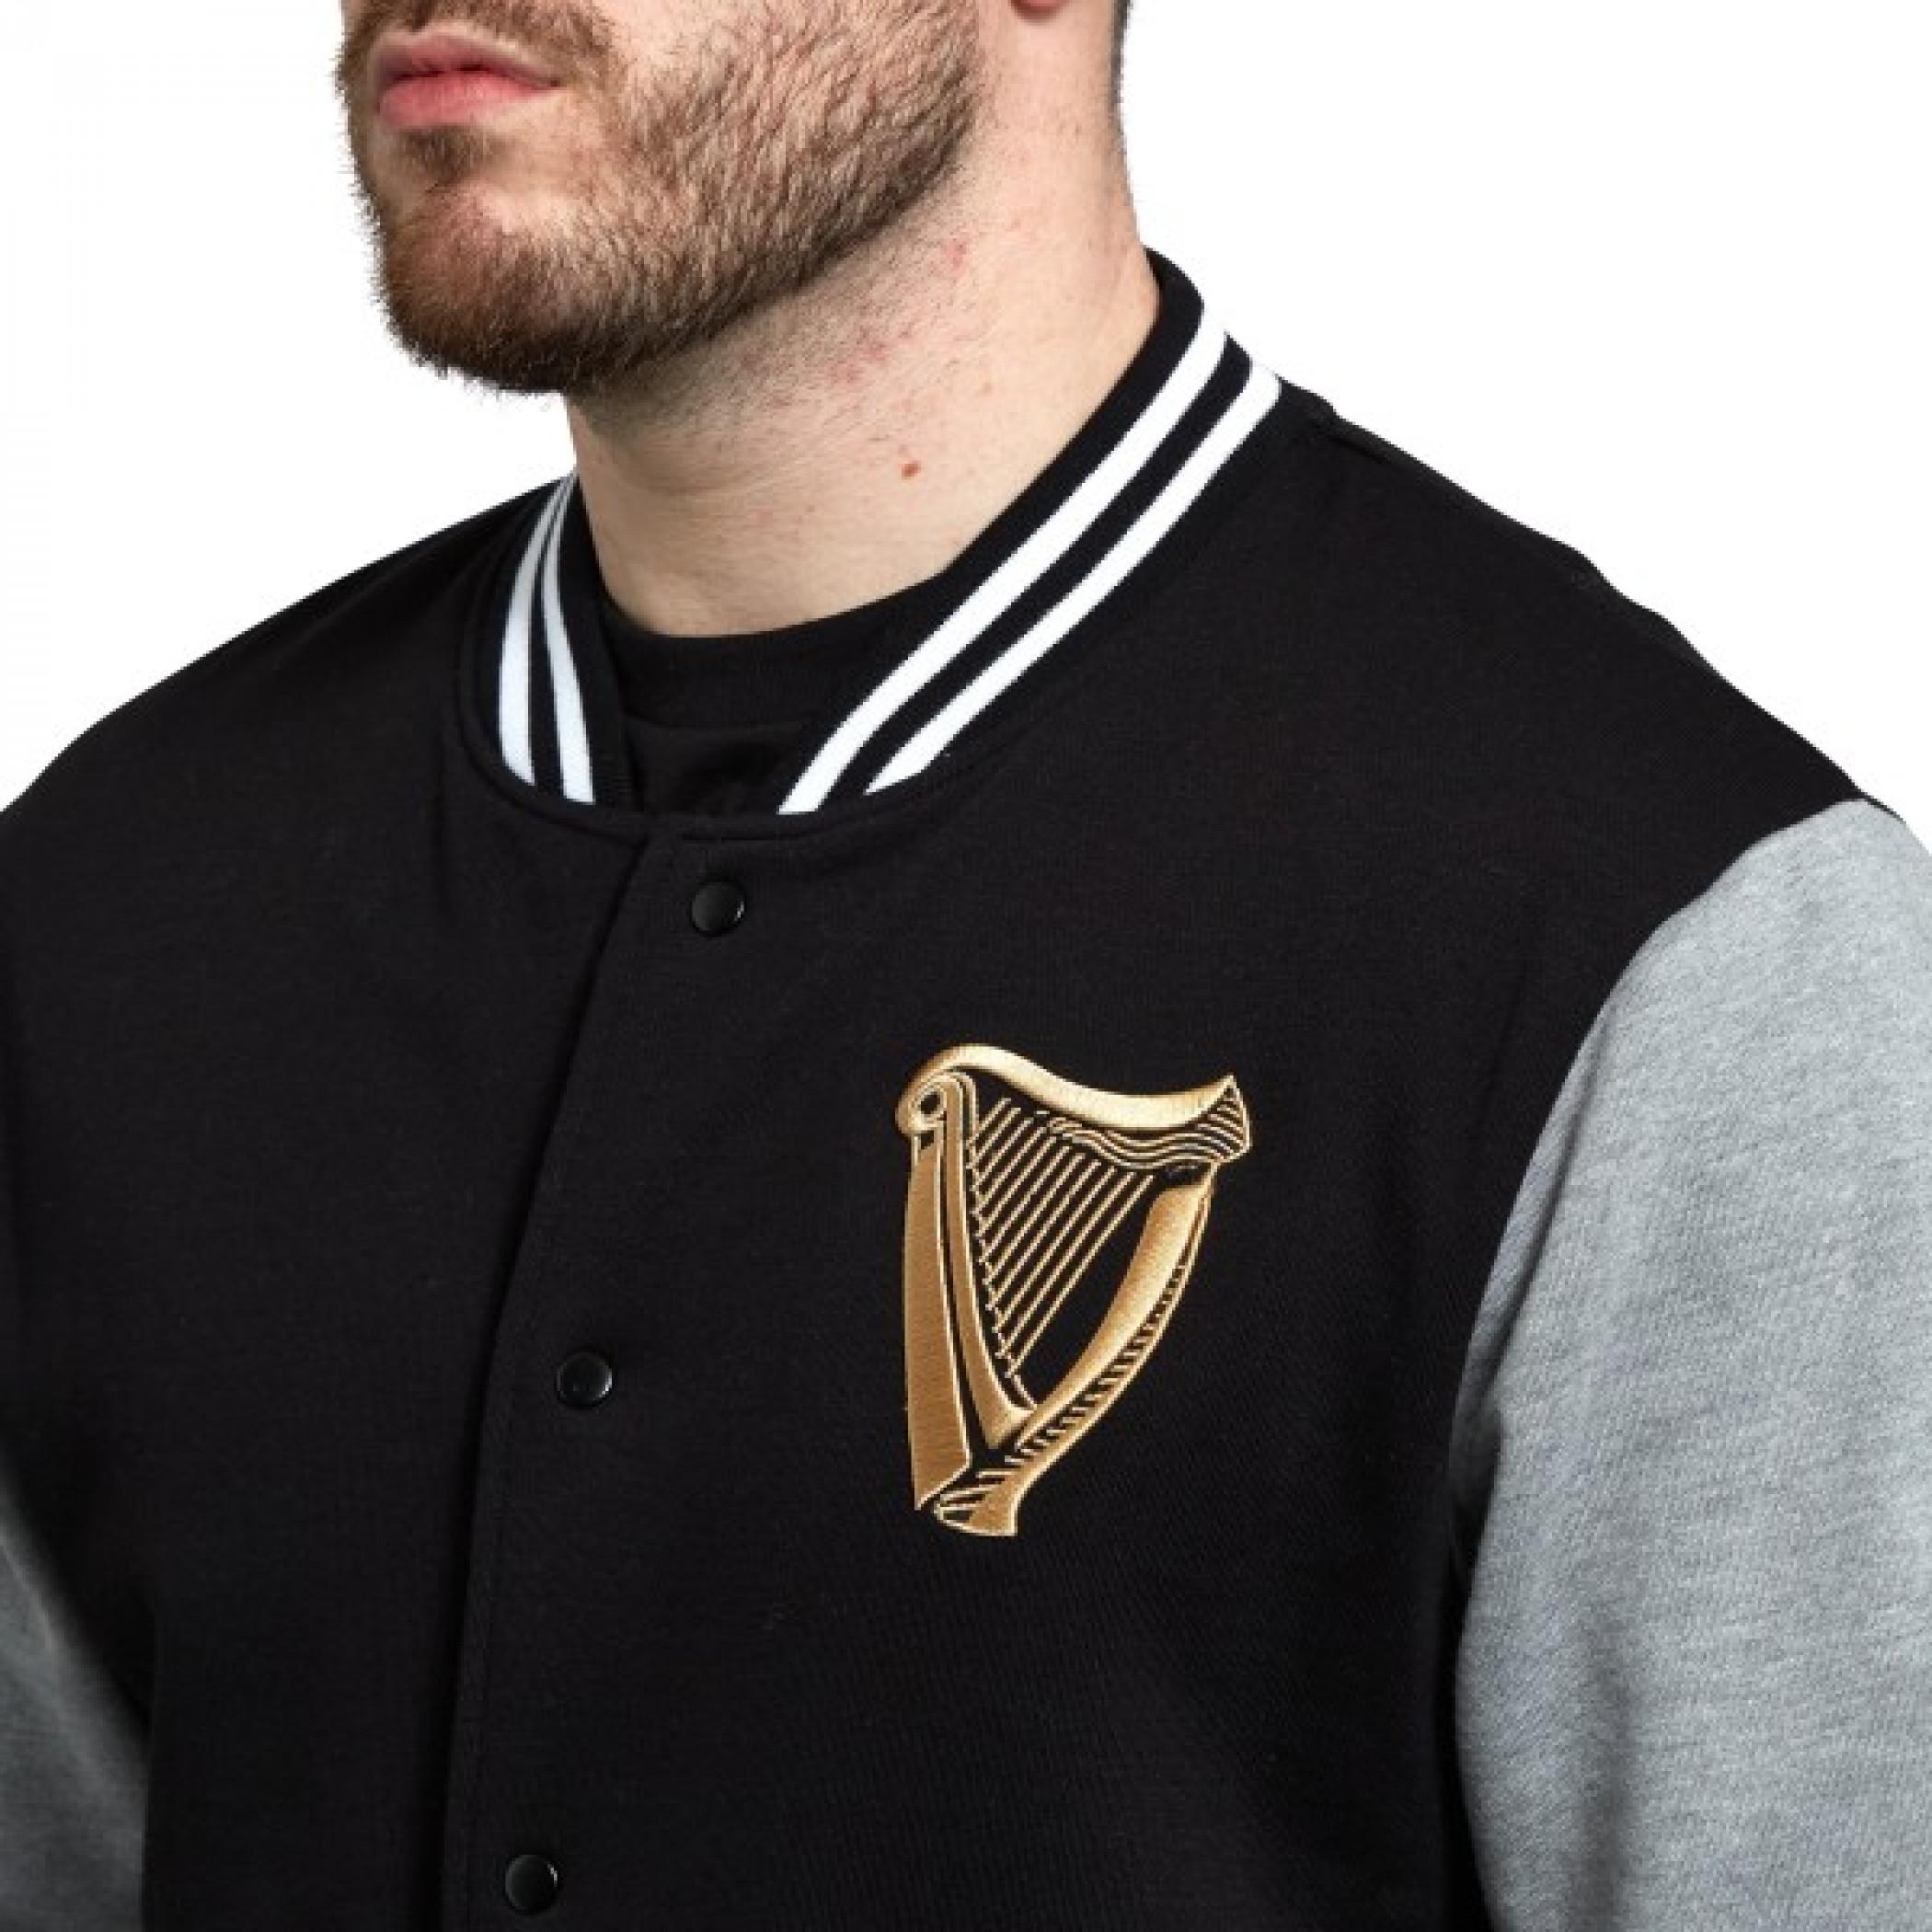 Guinness Harp Letterman Jacket